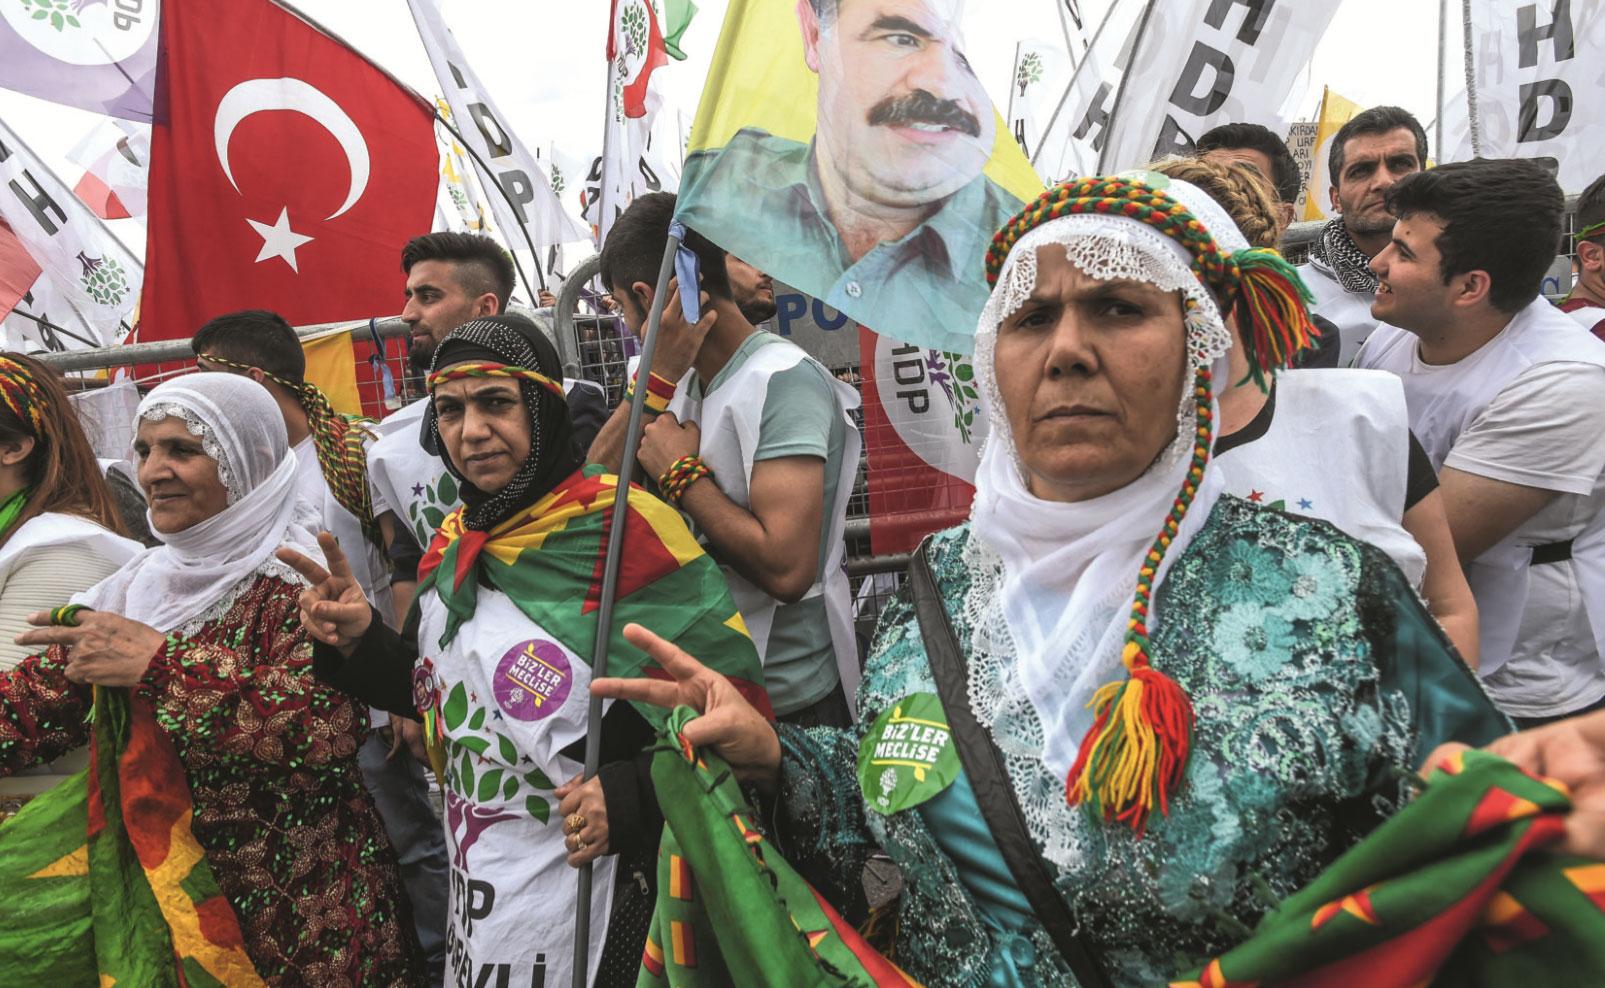 30. V. 2015. ISTANBUL